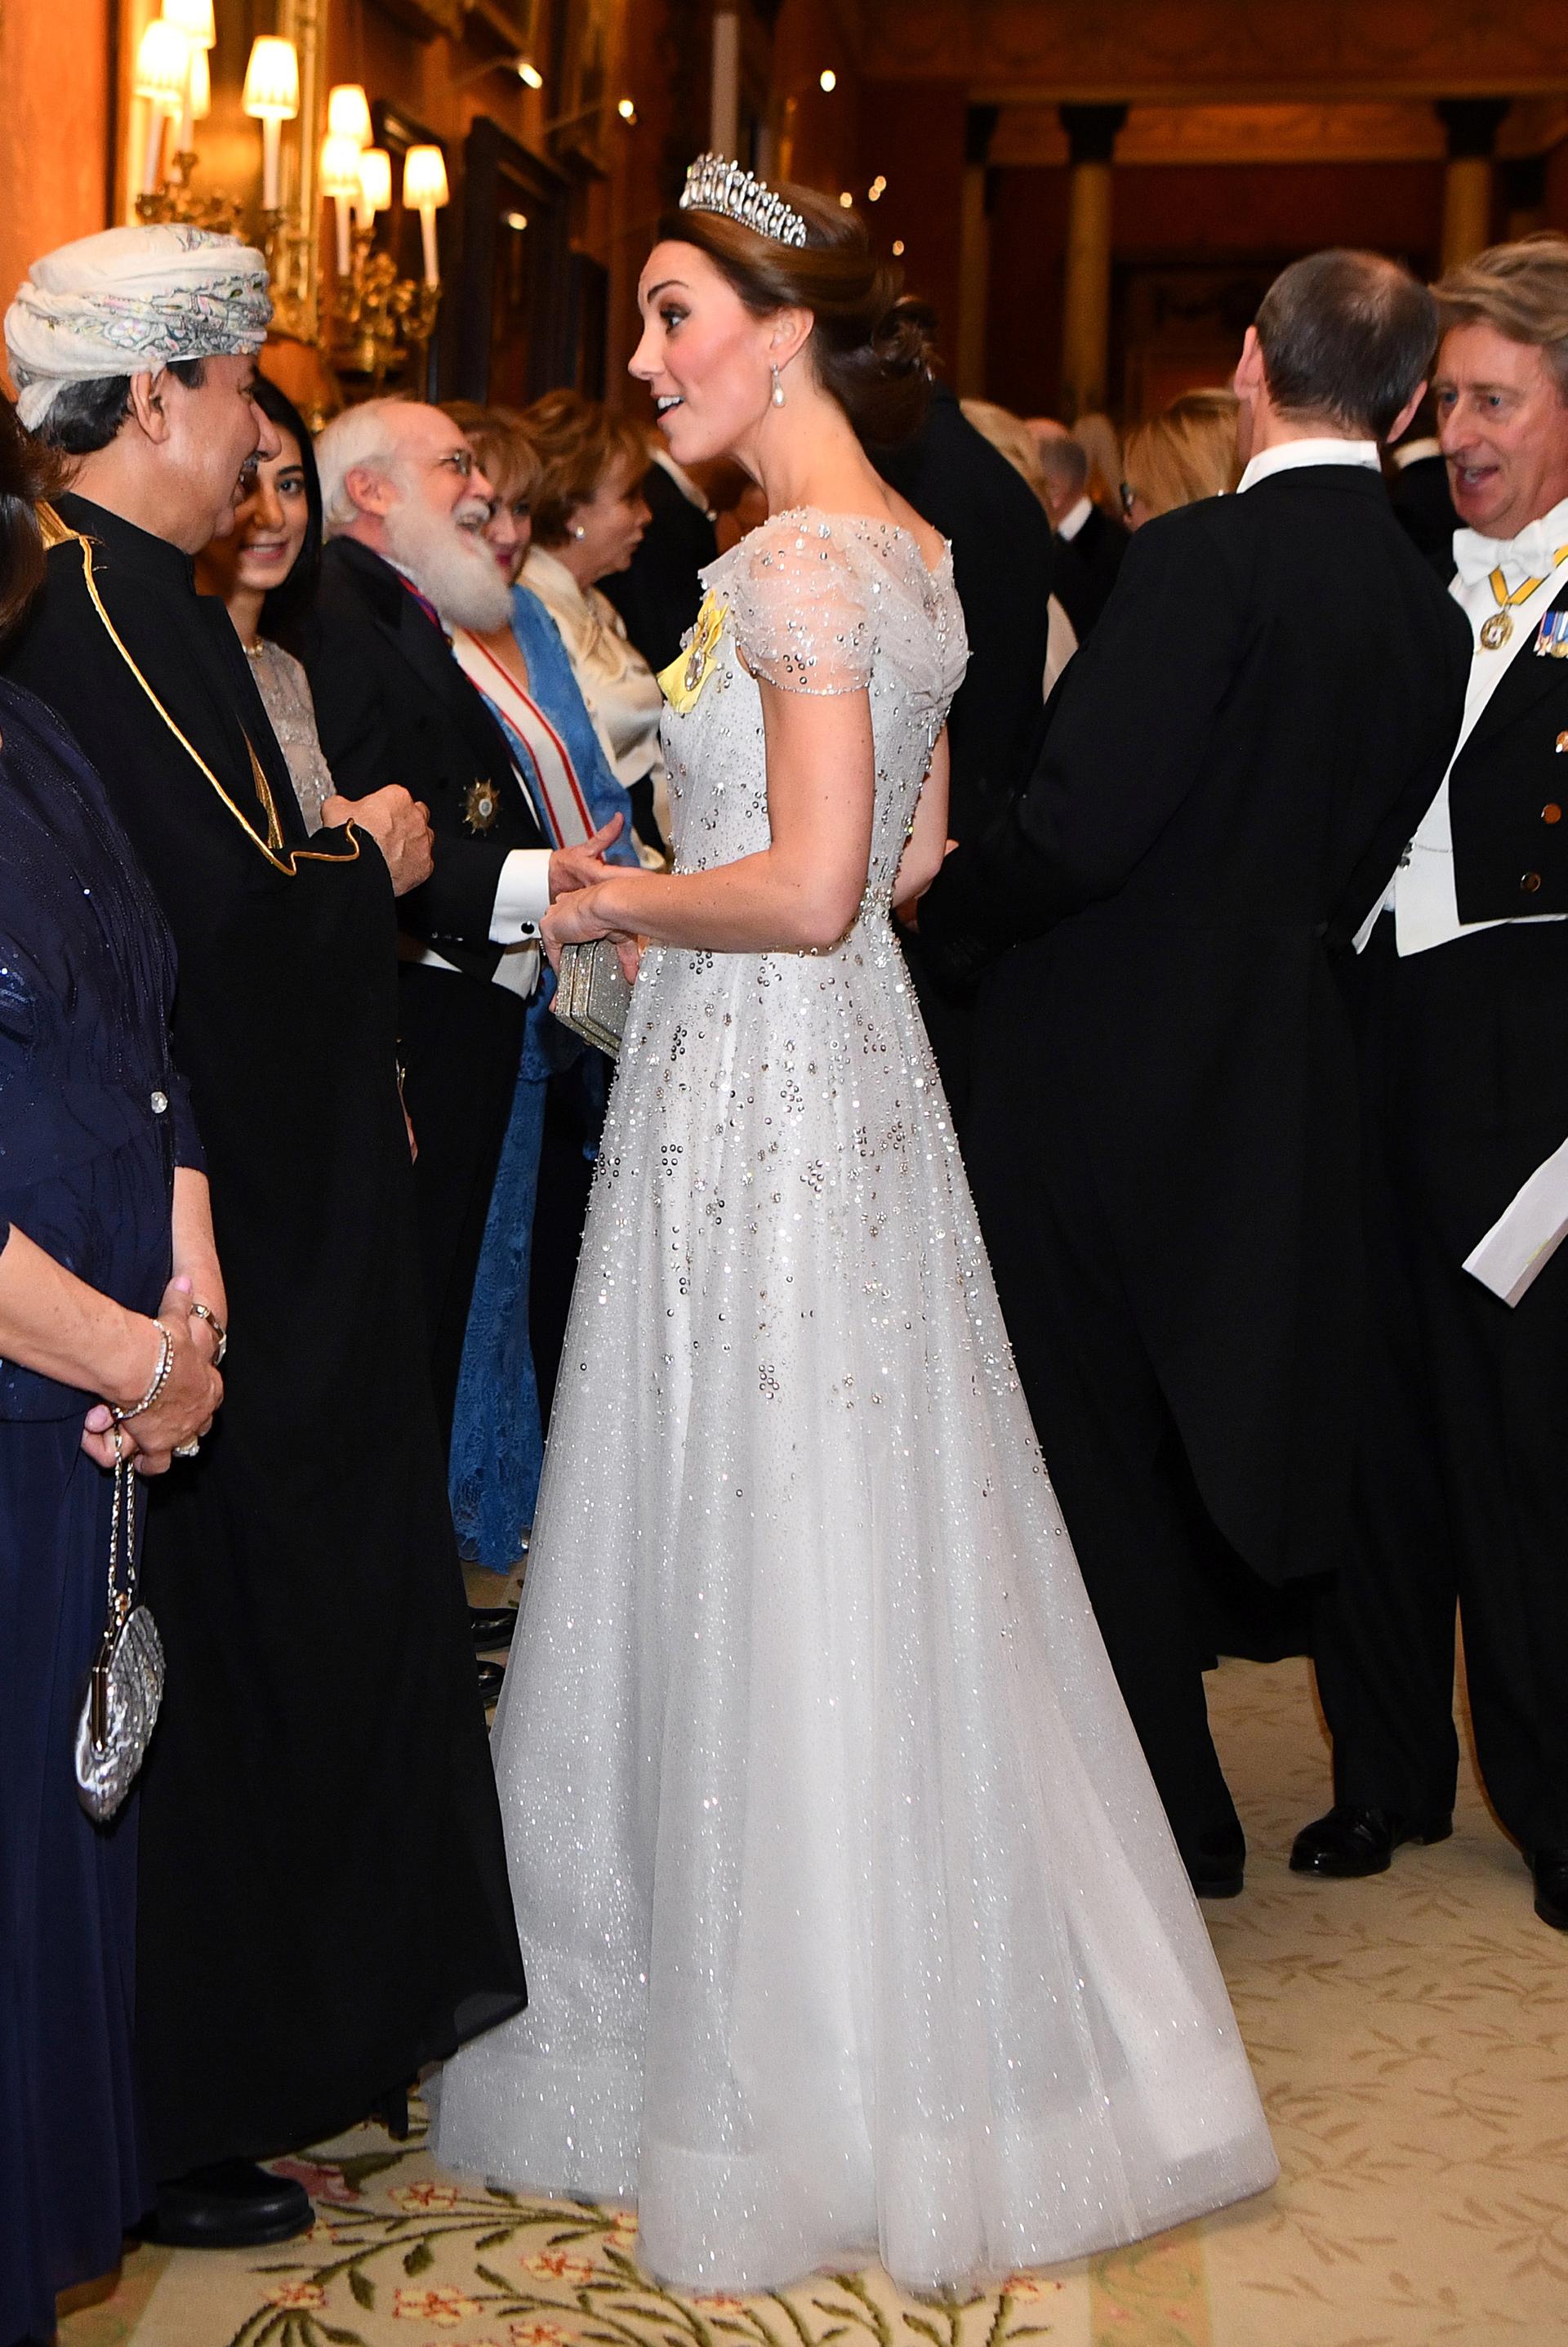 La frescura y elegancia de Catalina de Cambridge impactó a los invitados /// Fotos: Reuters